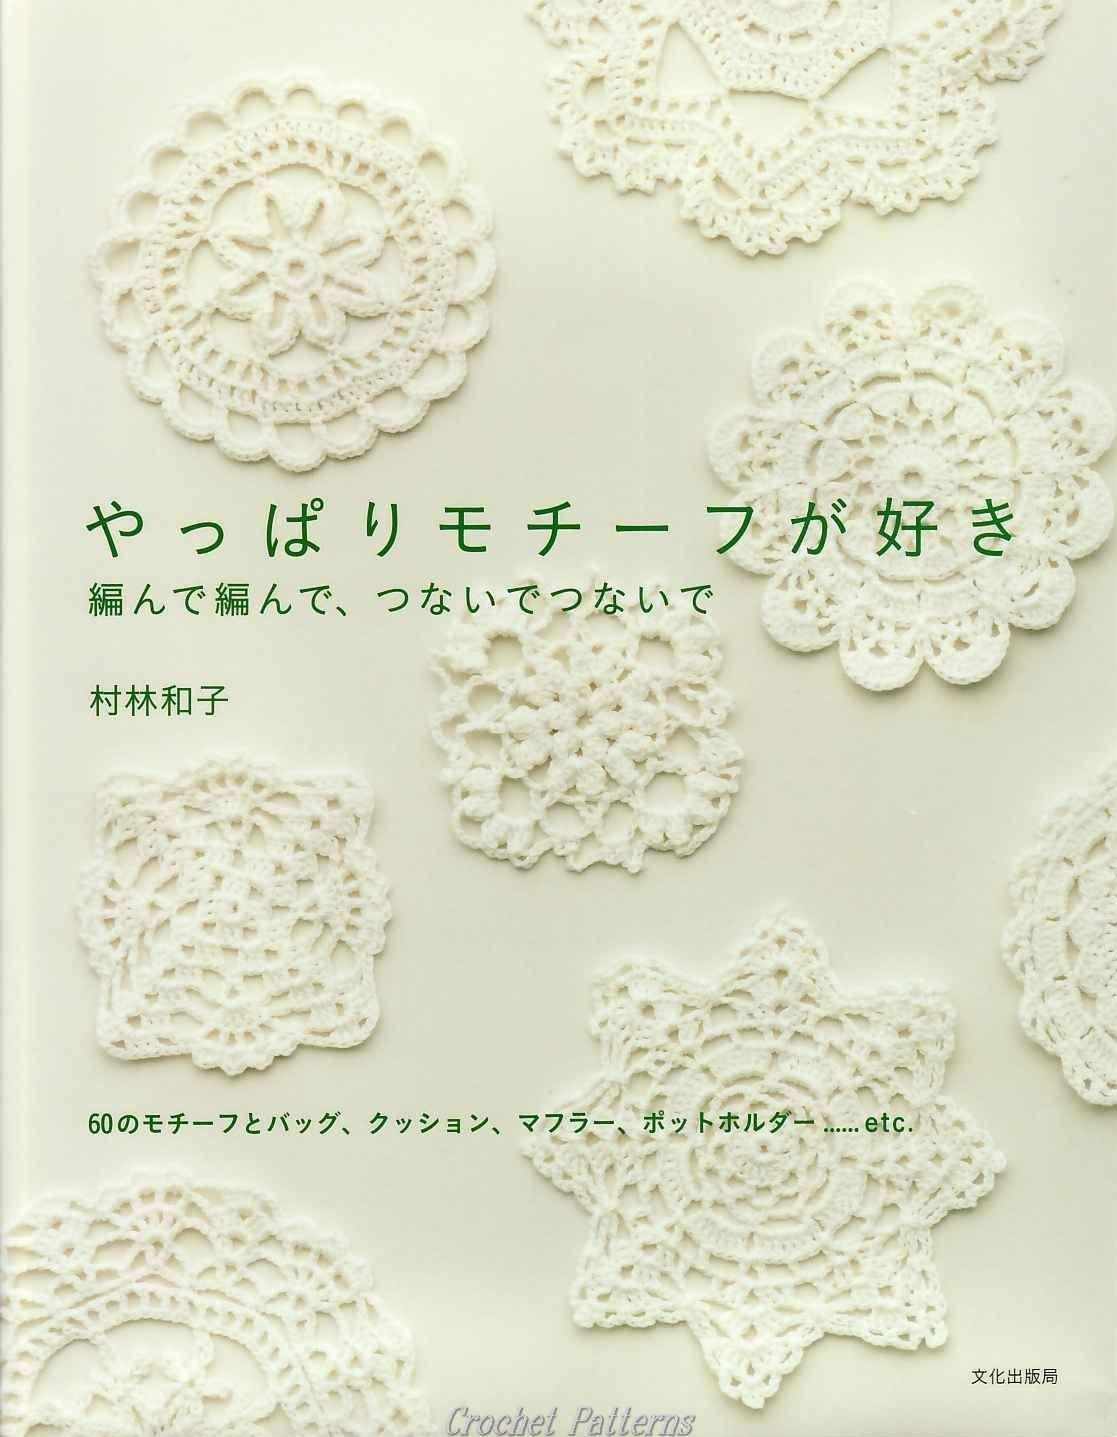 Crochet Motif 2008 Crochet Motif Pineapple Pattern Japanese Etsy